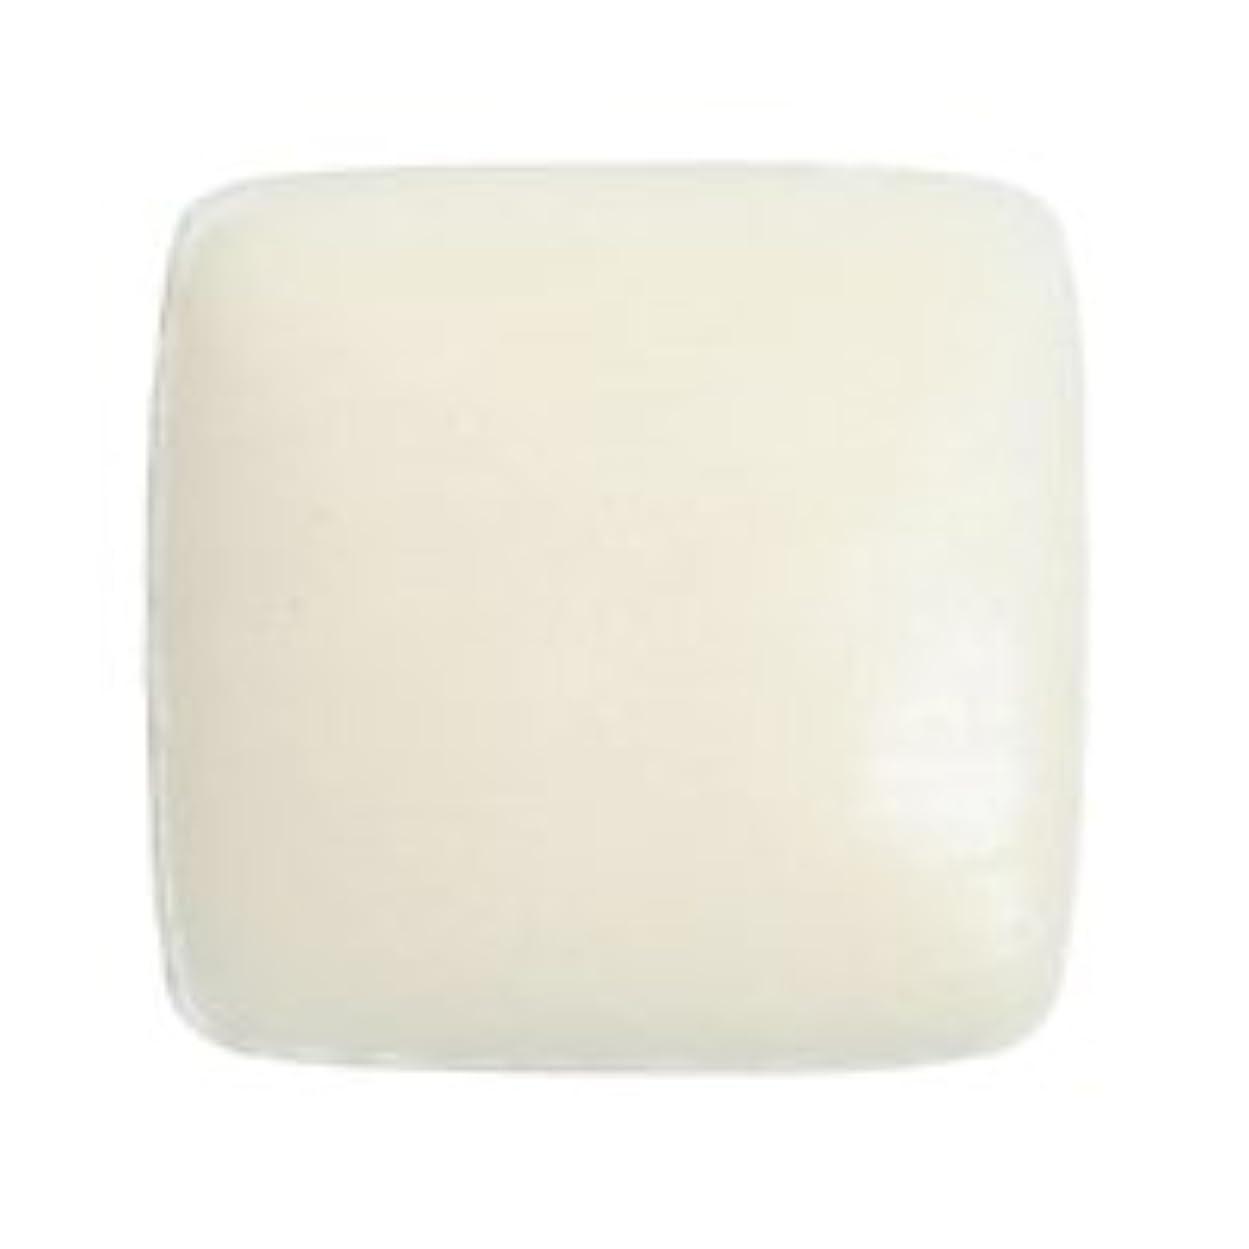 祝福する交差点嘆願ドクターY ホワイトクレイソープ80g 固形石鹸